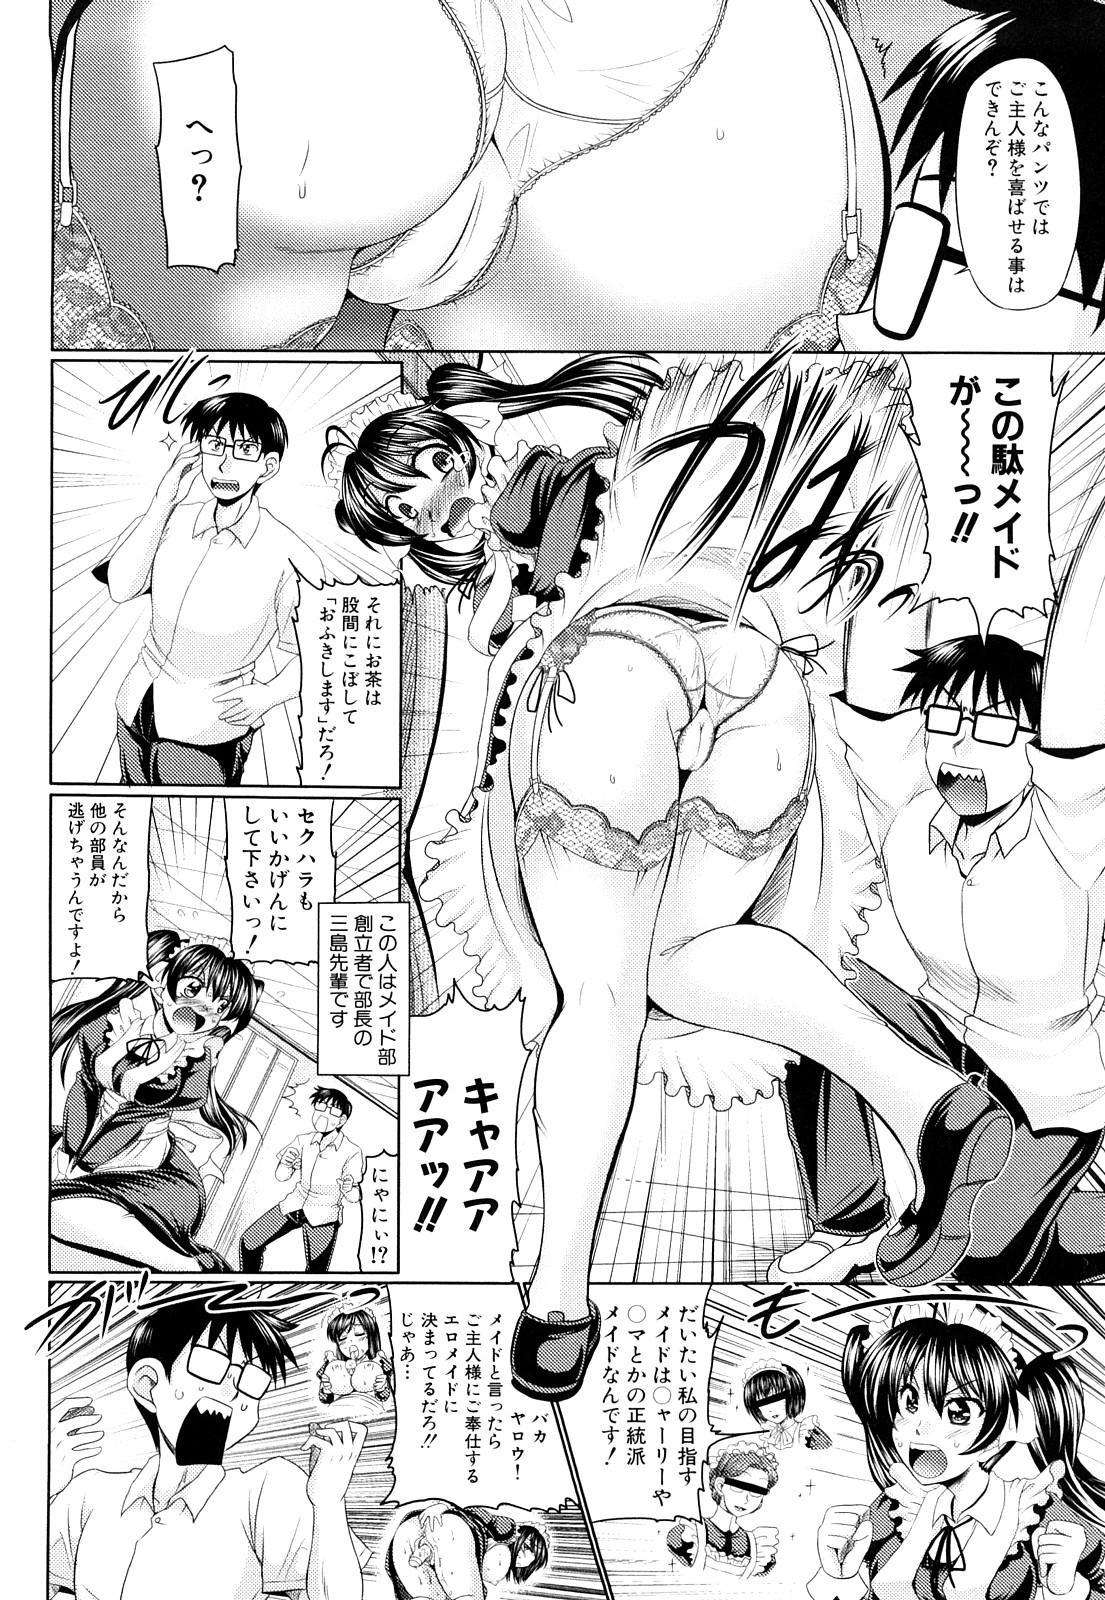 Nikuyoku Analyze 84